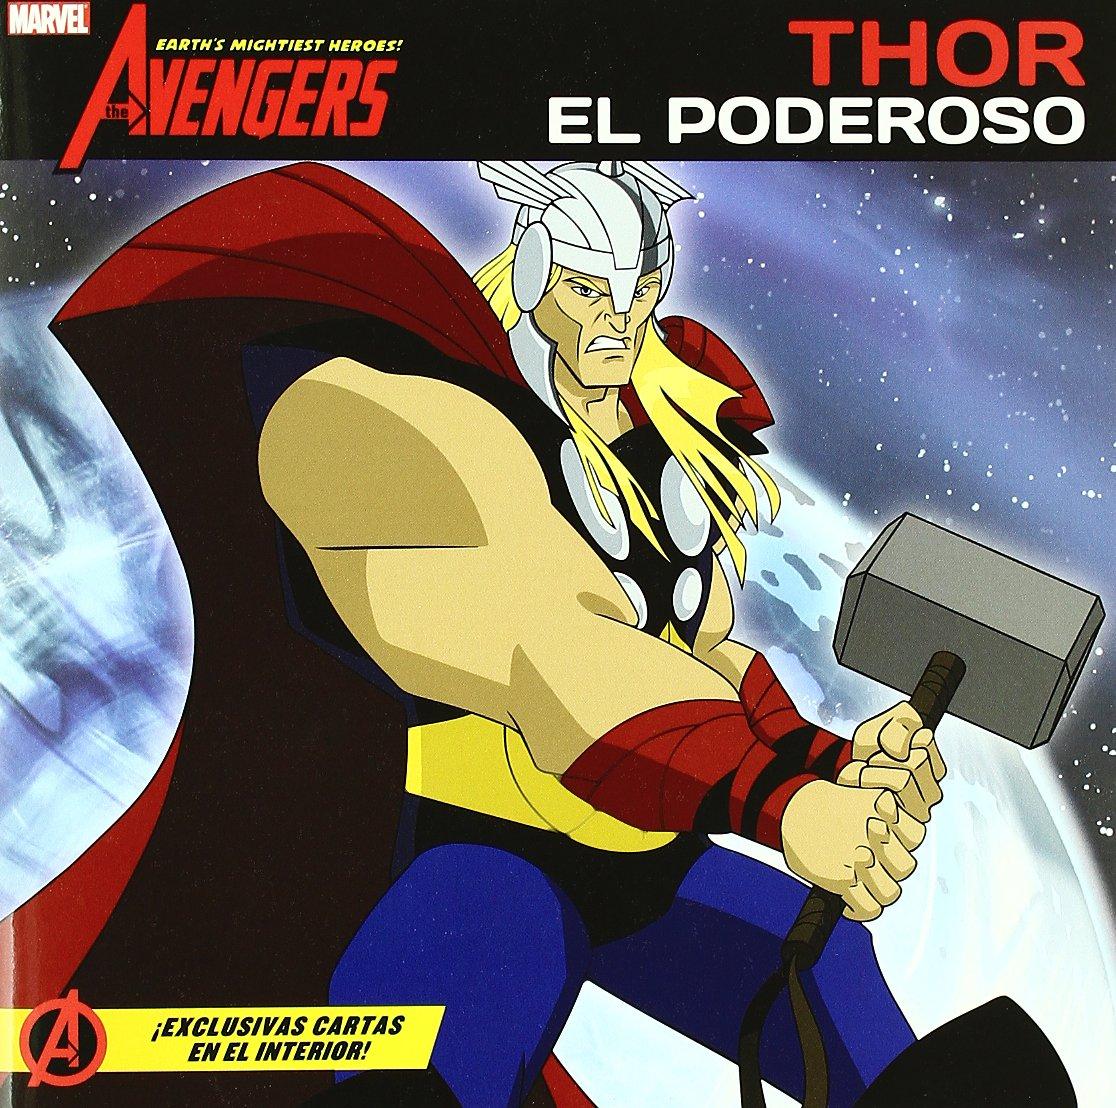 Thor, el poderoso: MARVEL CUENTOS VENGADORES: 9788415343103 ...